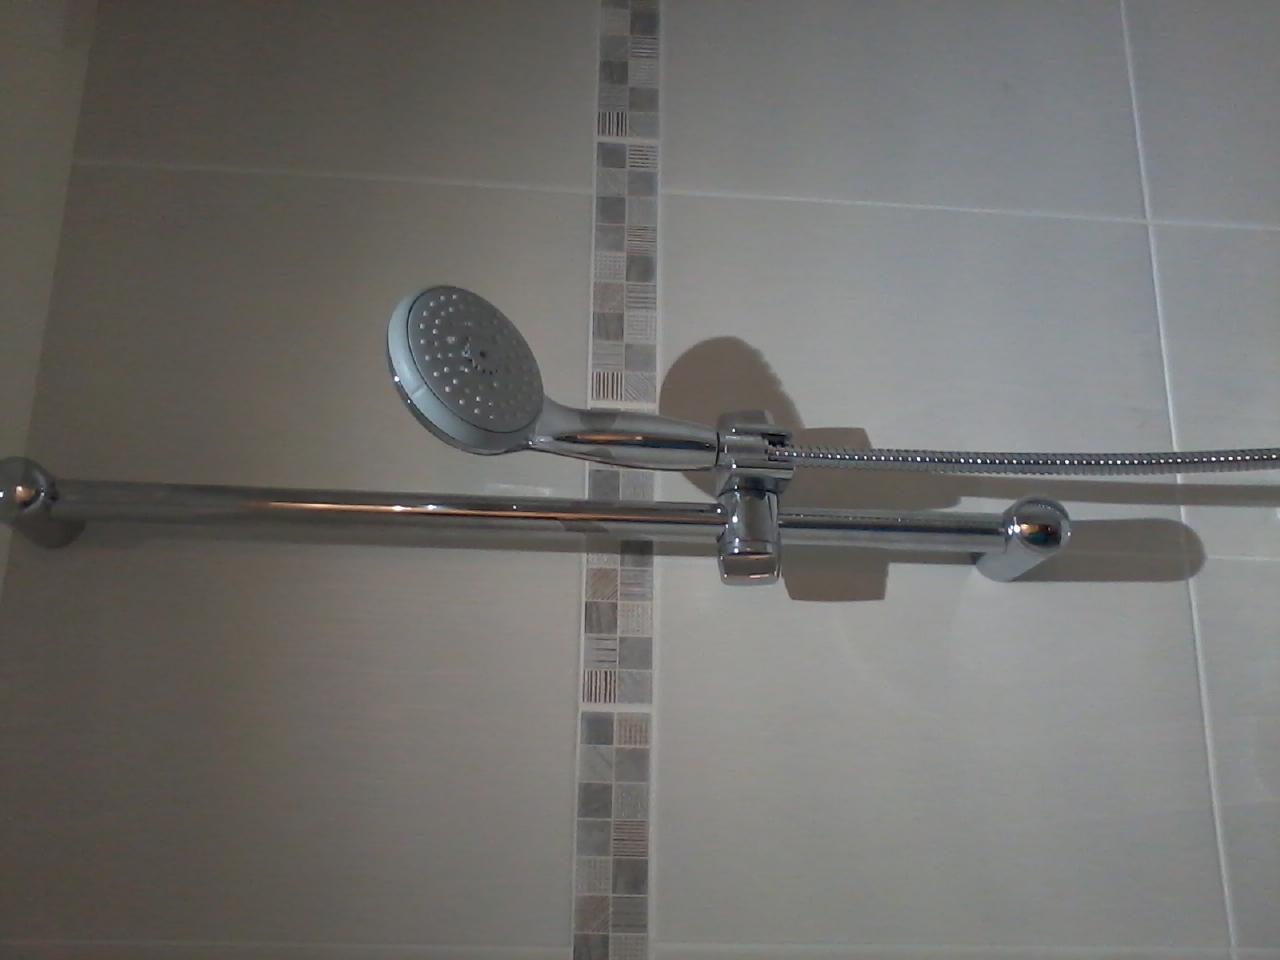 Pomme de douche tous les fournisseurs douche murale douchette econome pommeau de douche for Pomme de douche